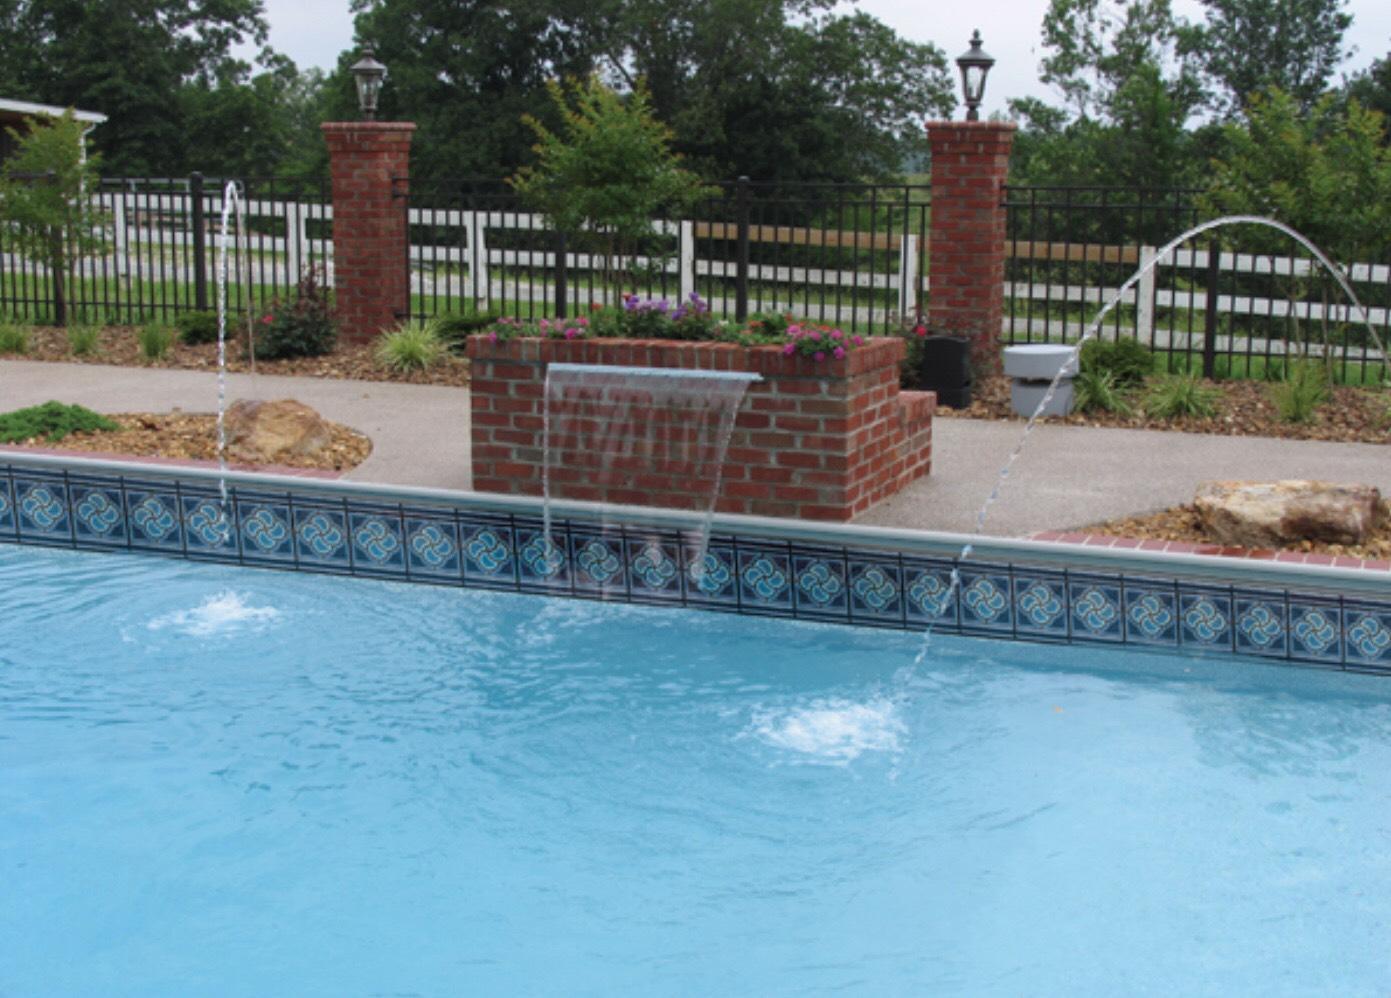 Shawnee Pools image 1